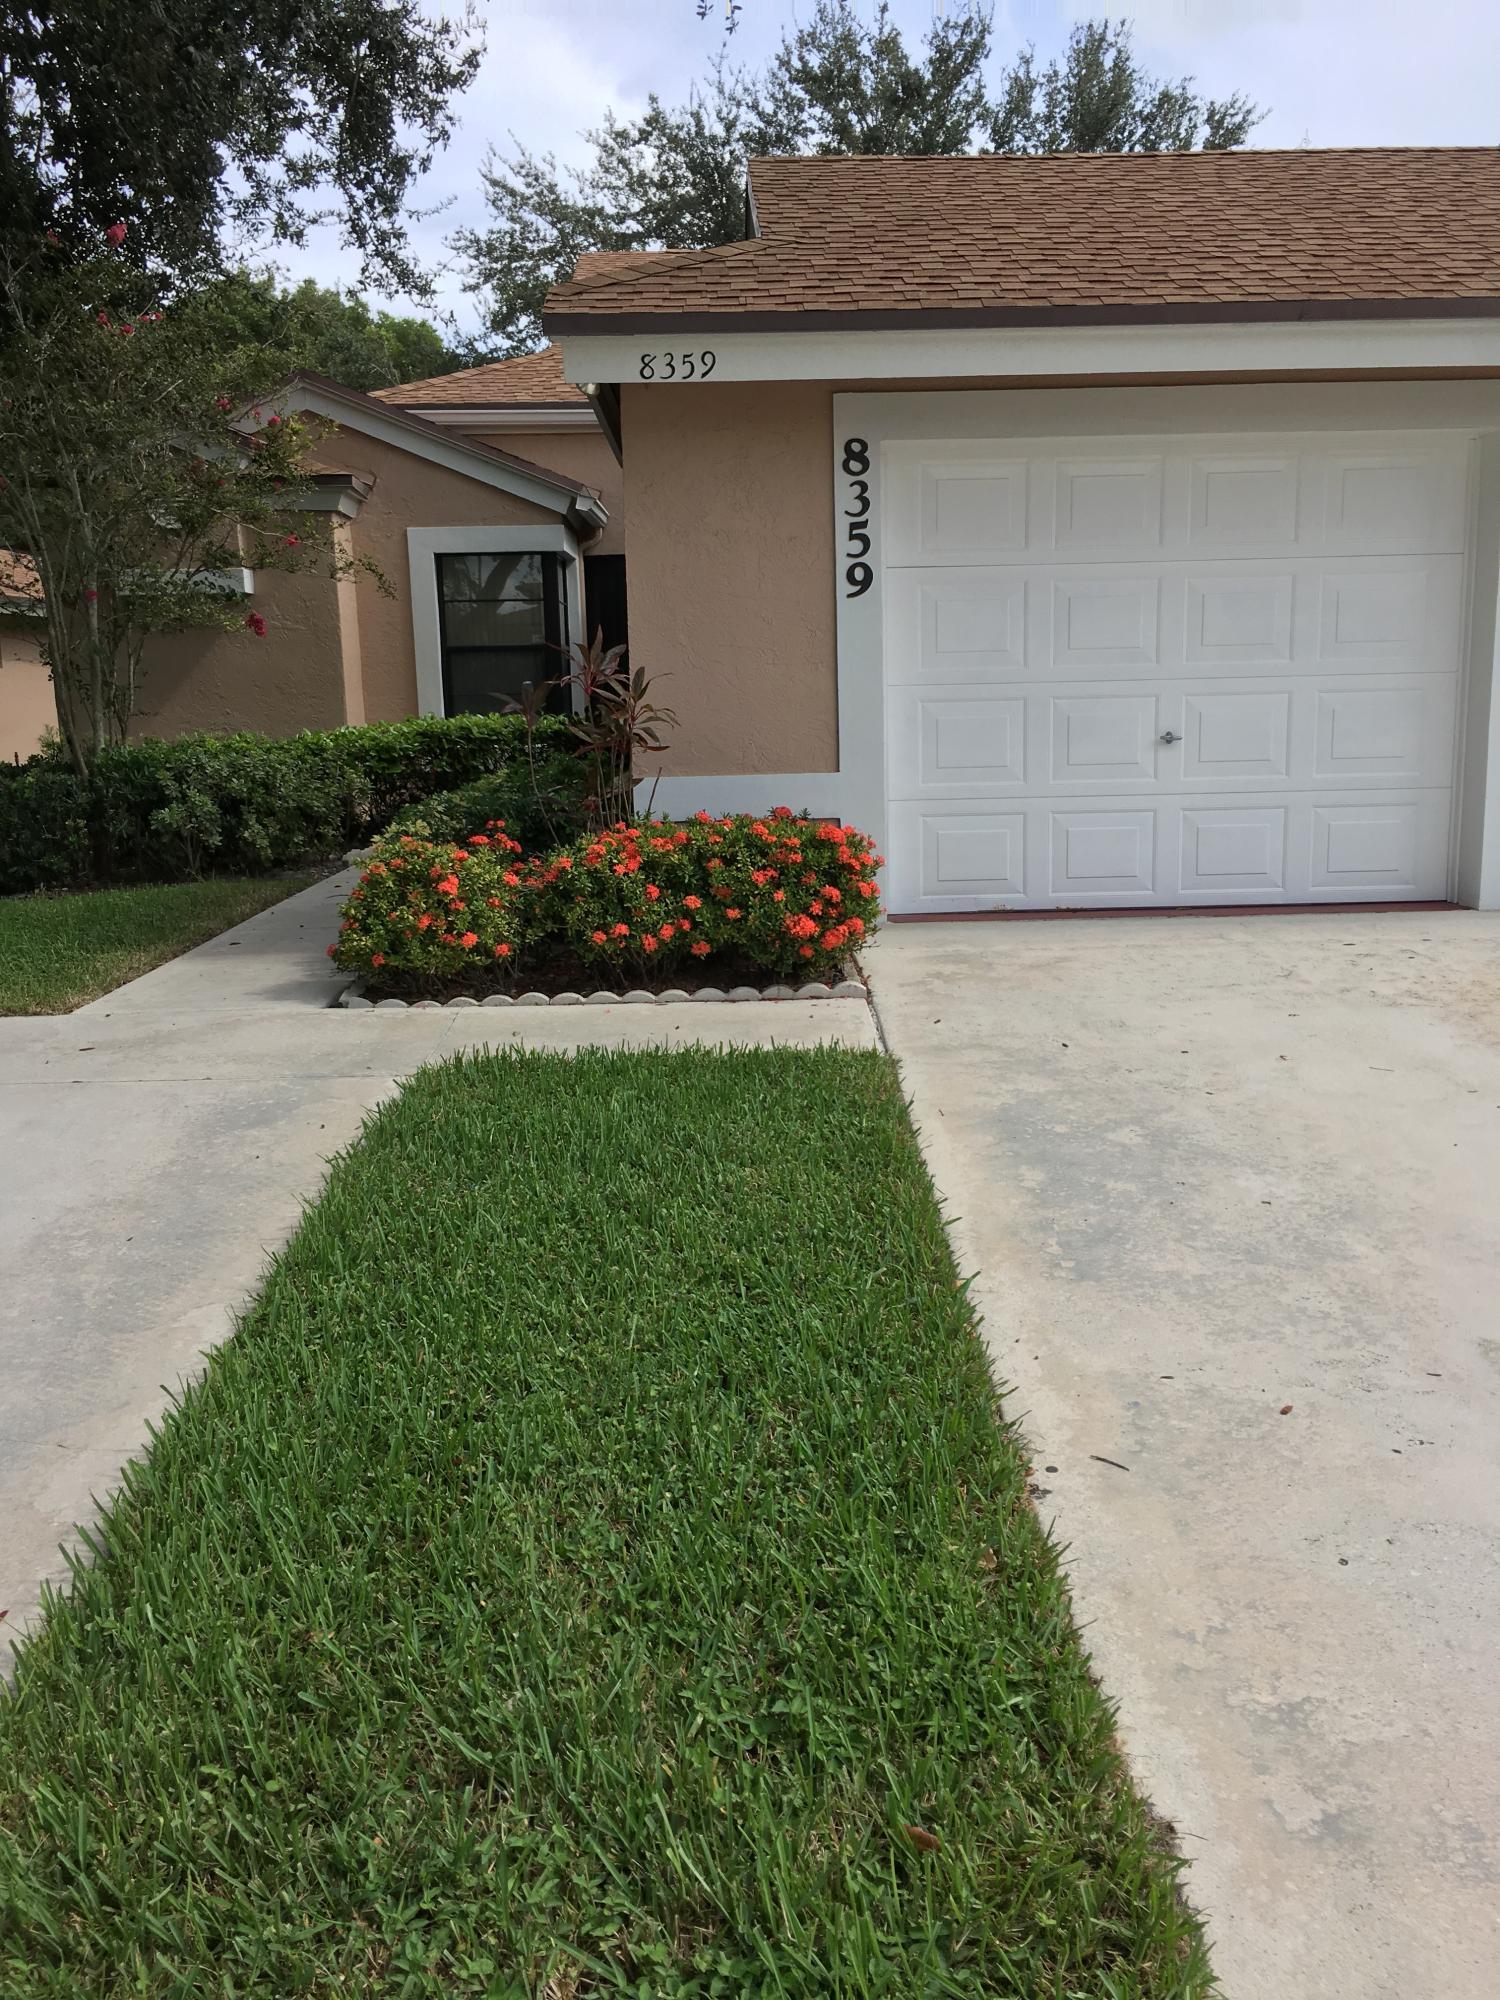 8359 Springlake Drive #a Boca Raton, FL 33496